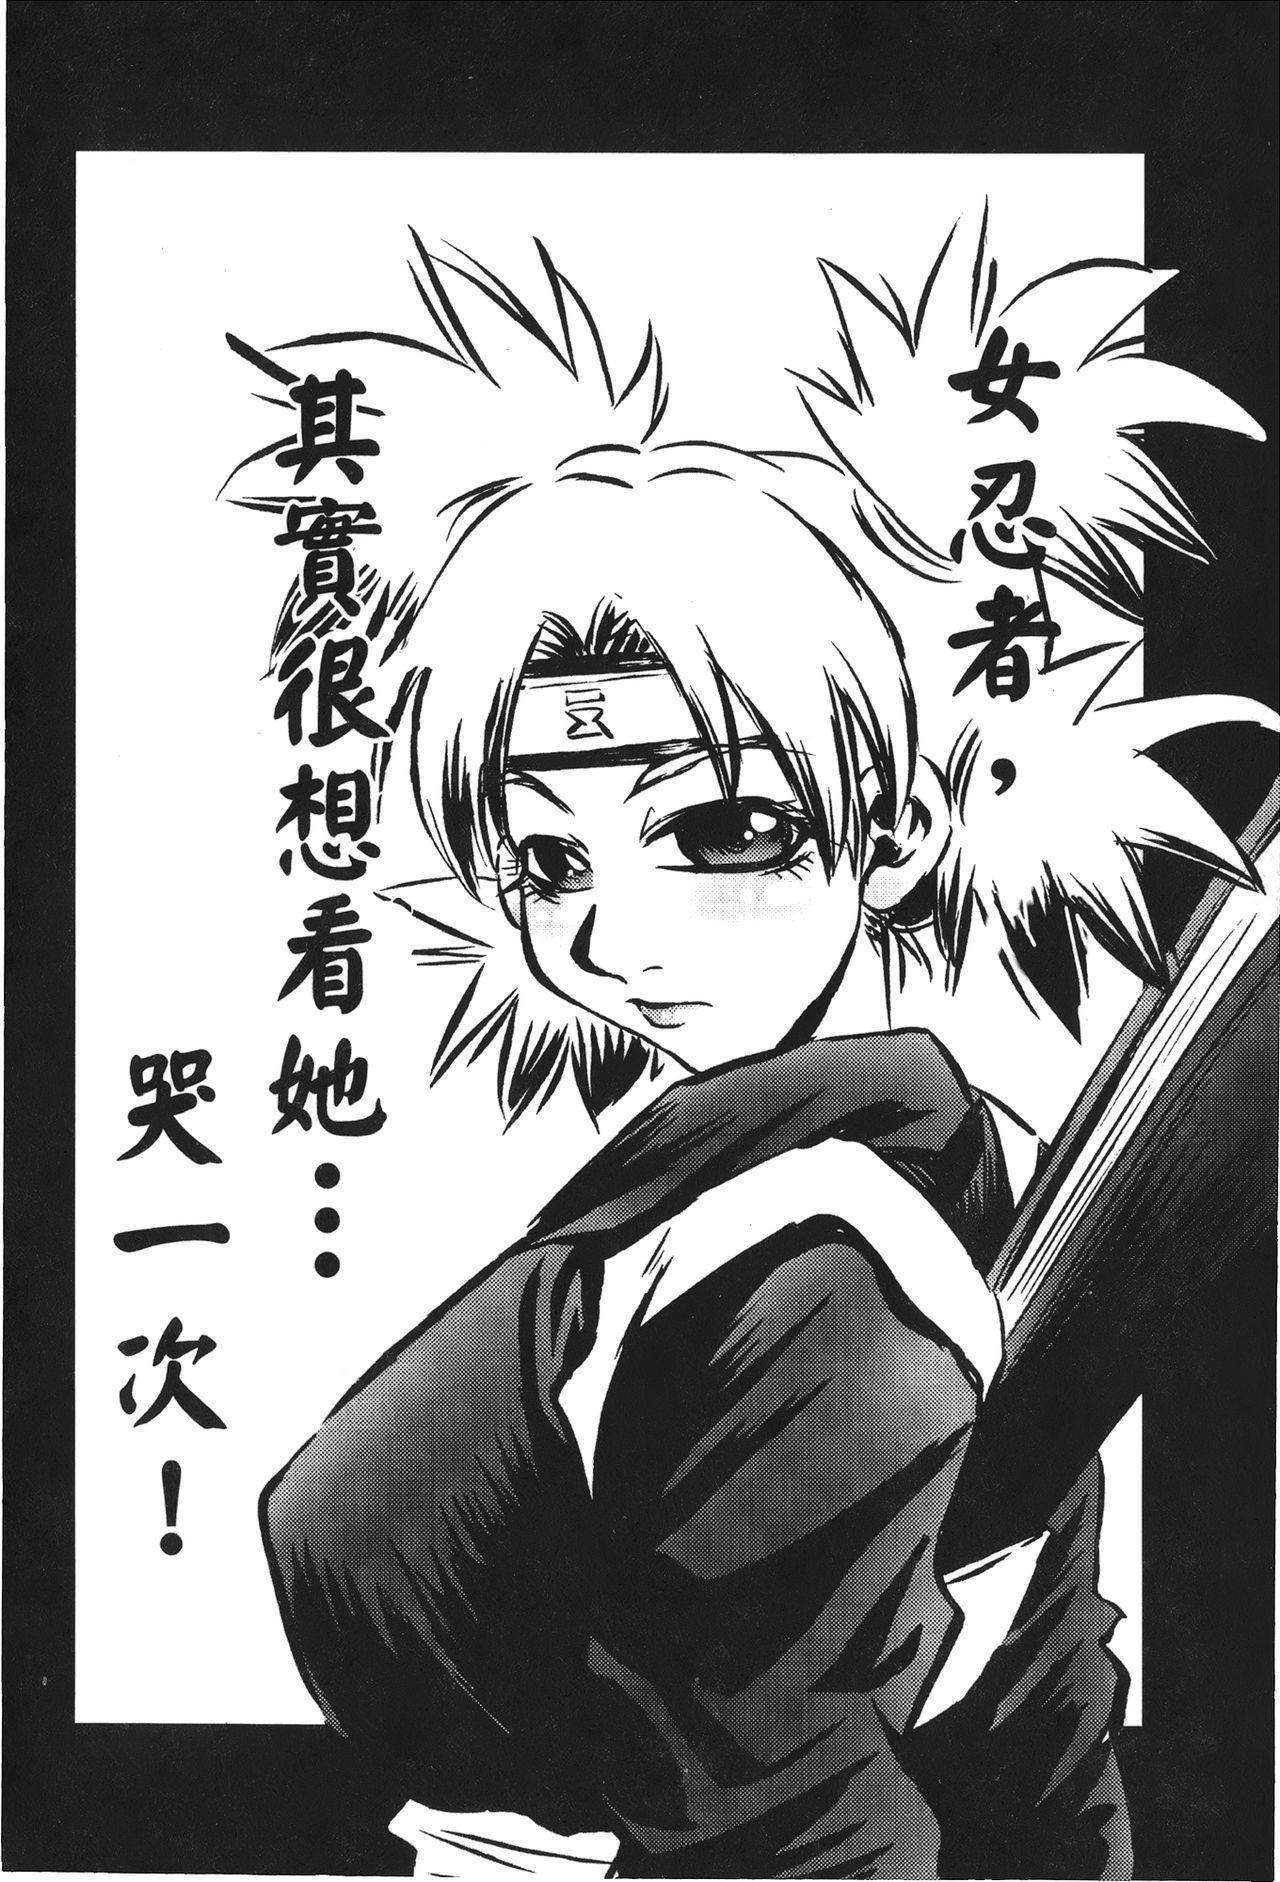 naruto ninja biography vol.02 98